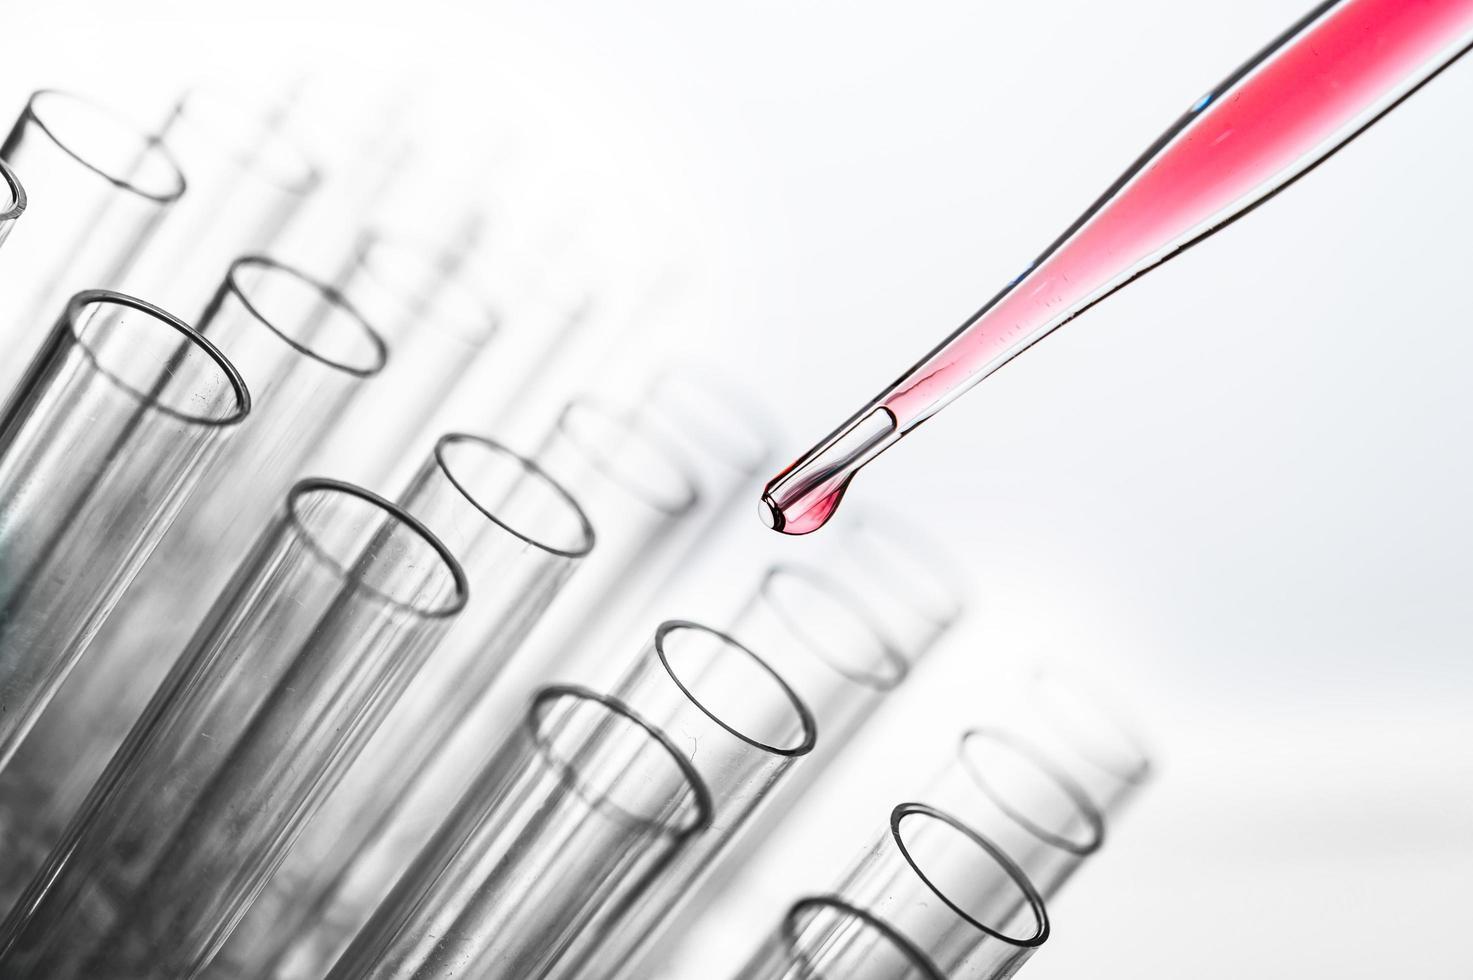 roze chemicaliën vallen in een beker foto